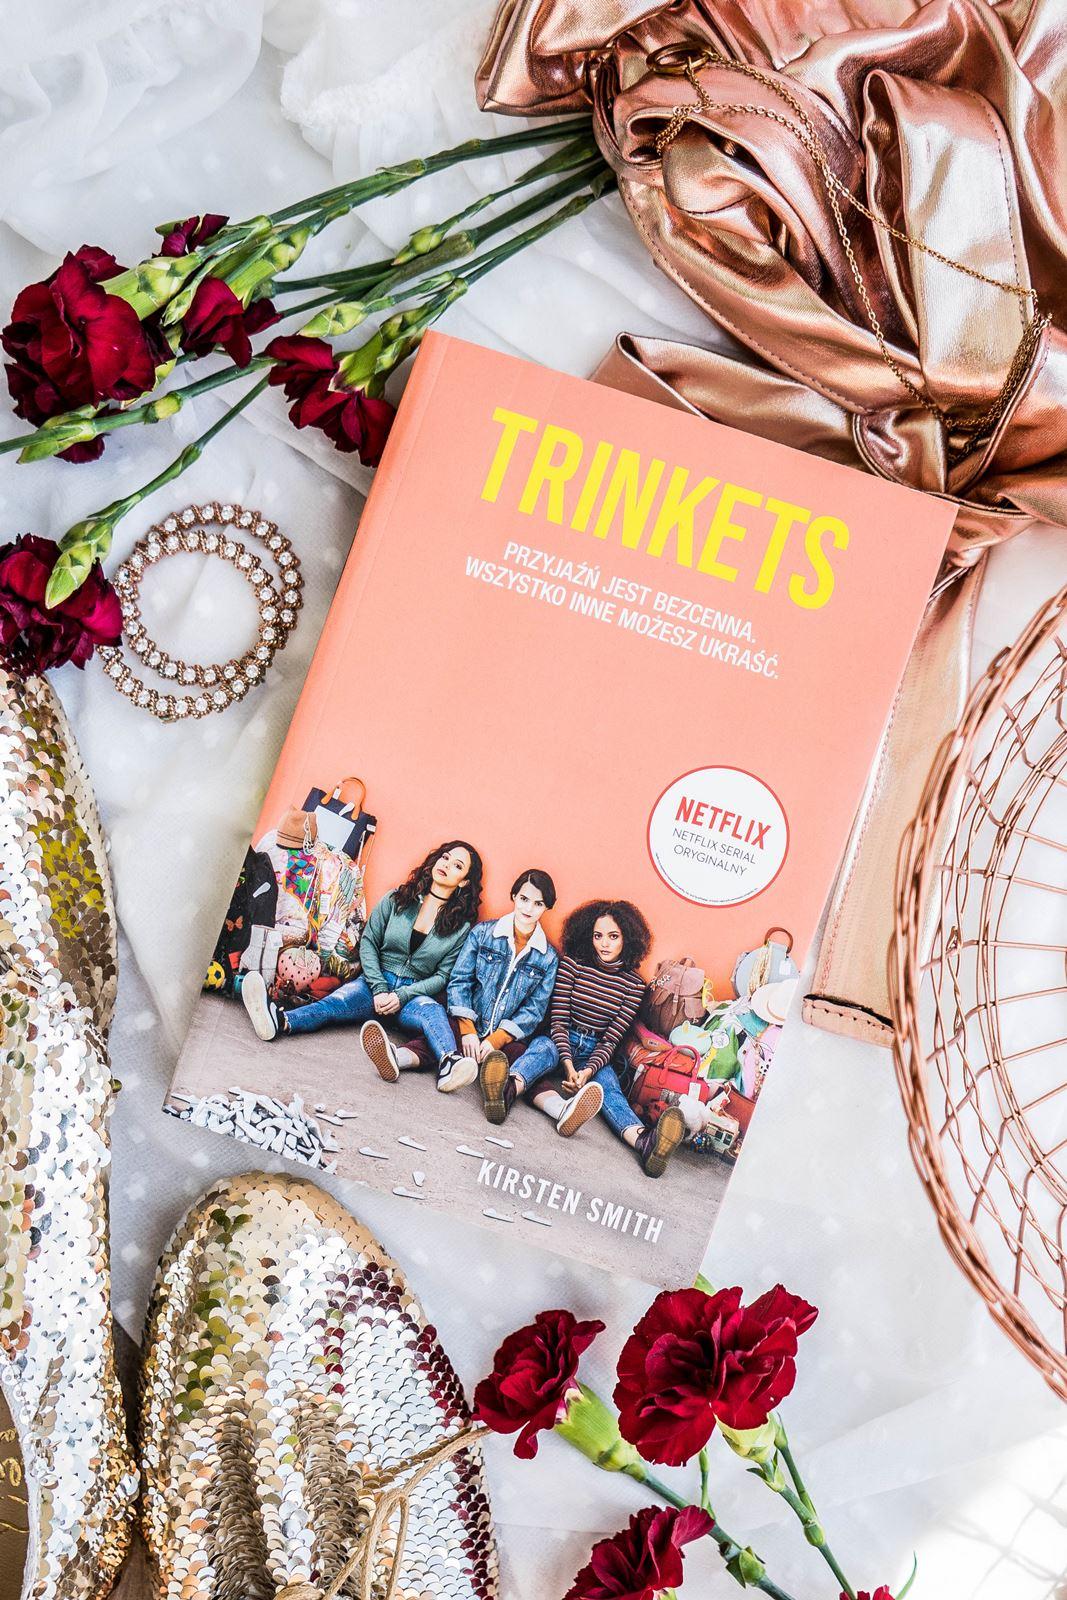 Trinkets - opinia, recenzja serial książka netflix czy warto, książki dla młodzieży, dziewczyn, przyjaciółki, siostry idealny prezent dla dziewczyny